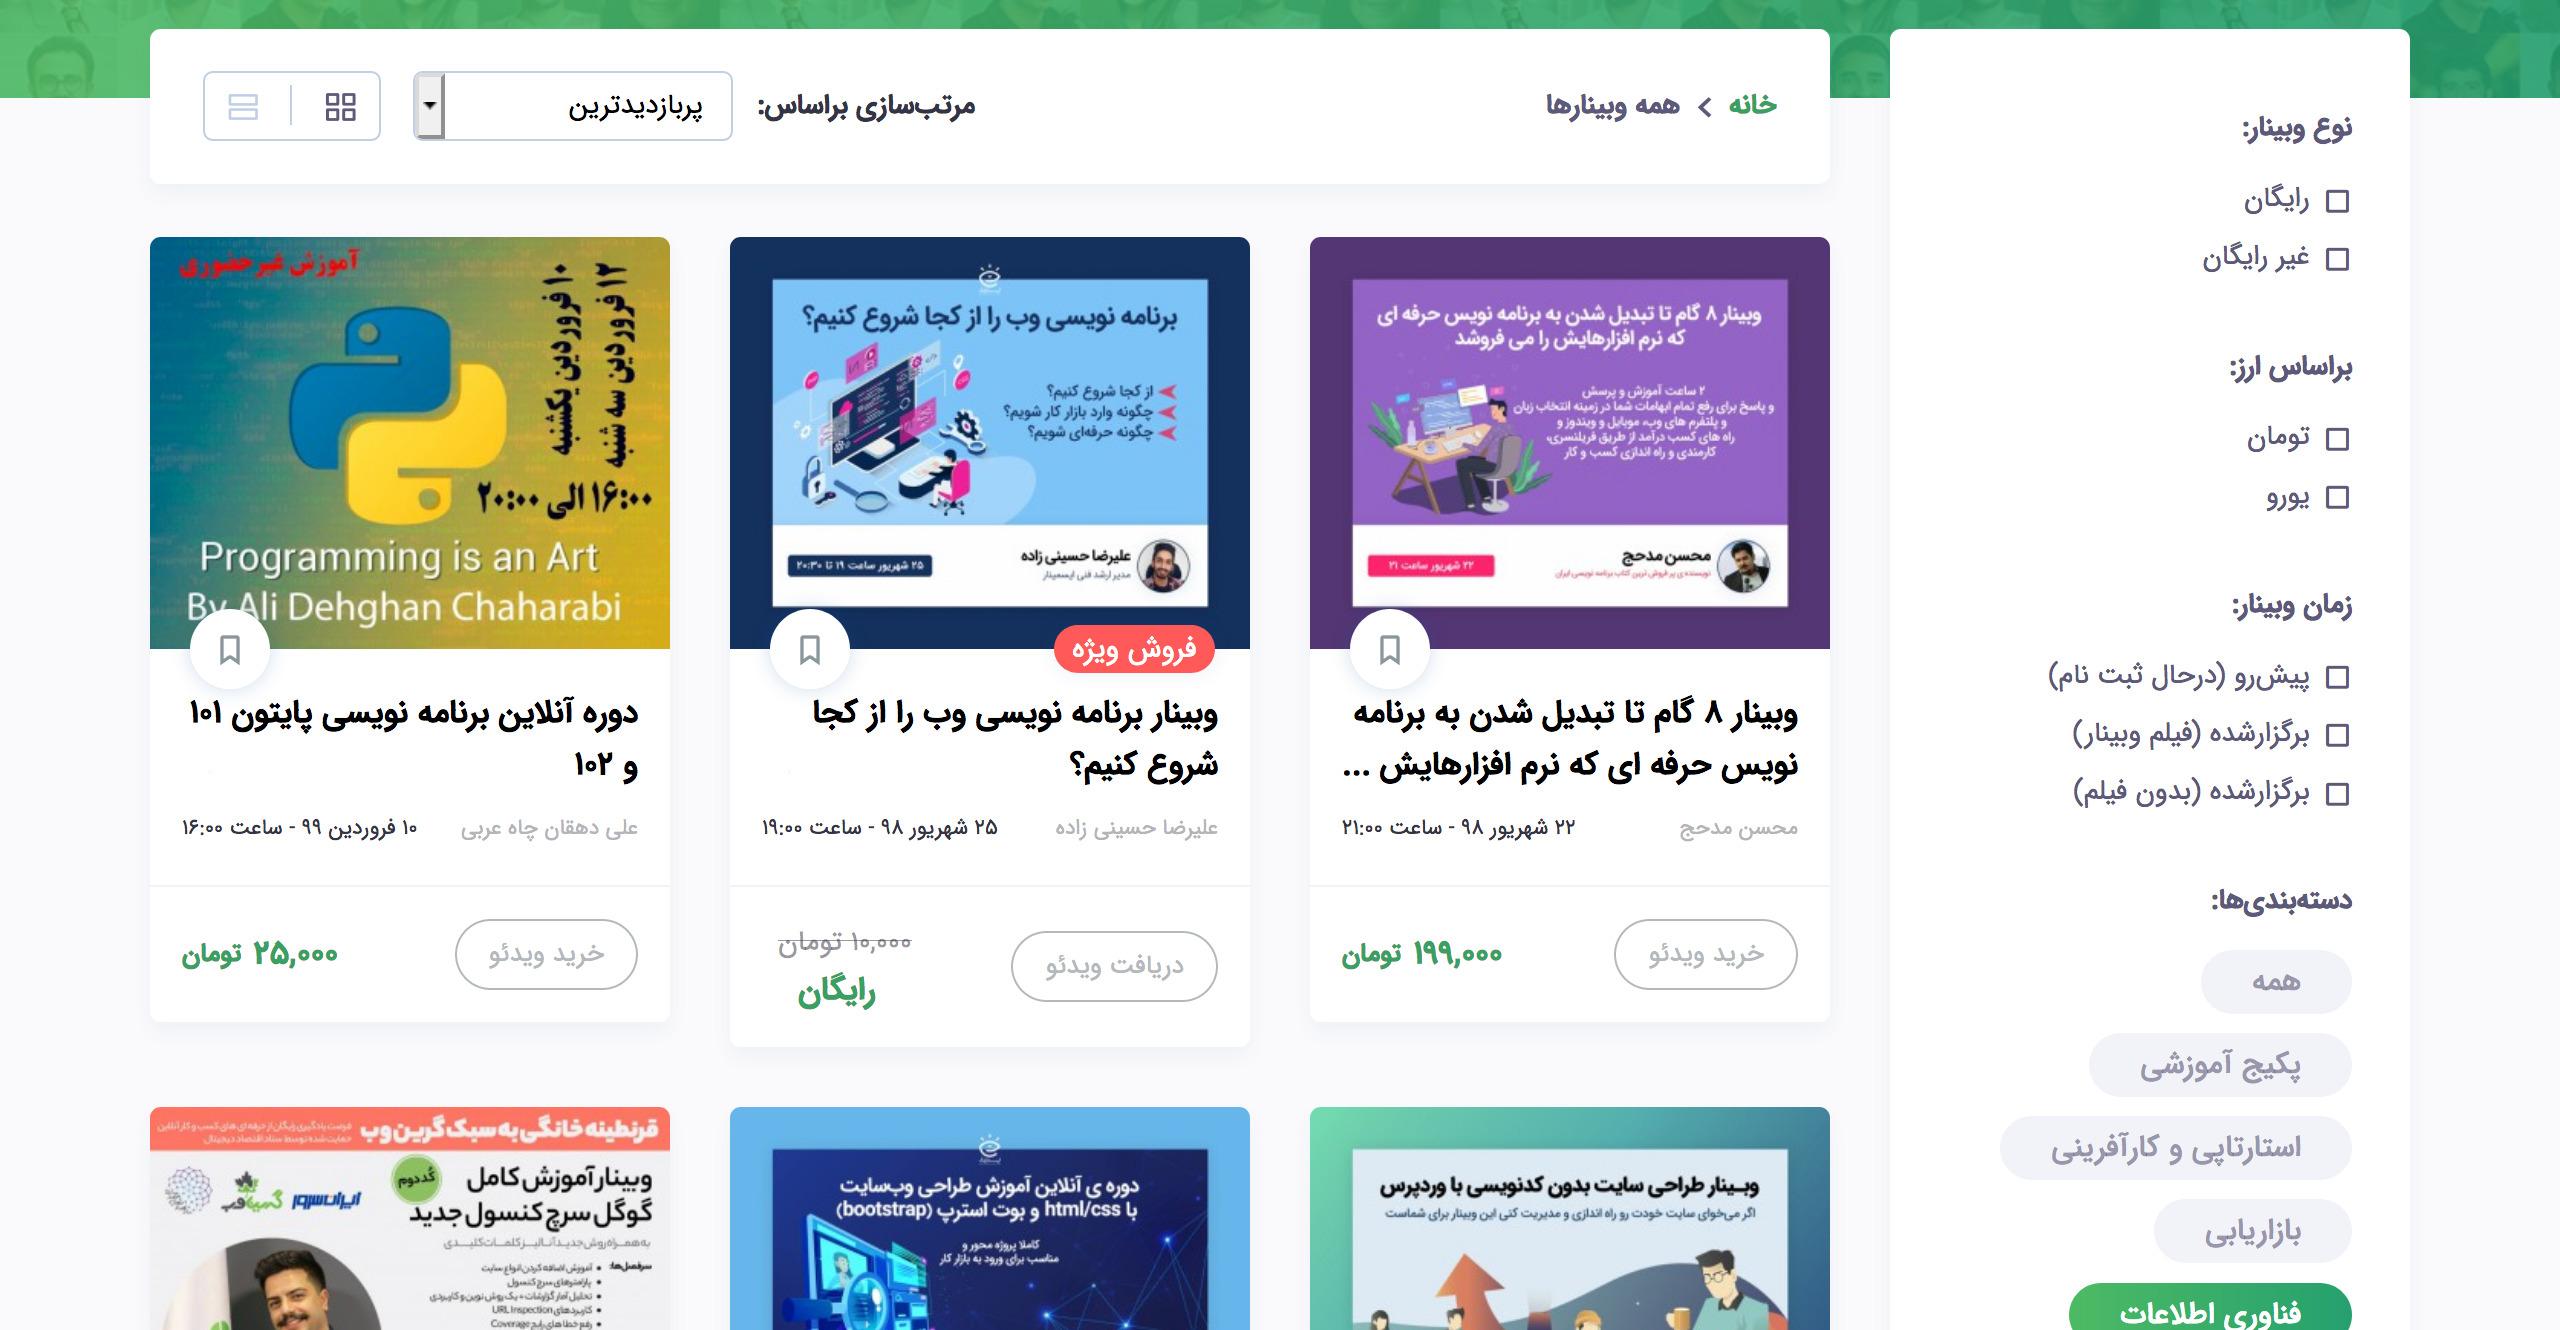 ایسمینار پلتفرم برگزاری سمینار آنلاین